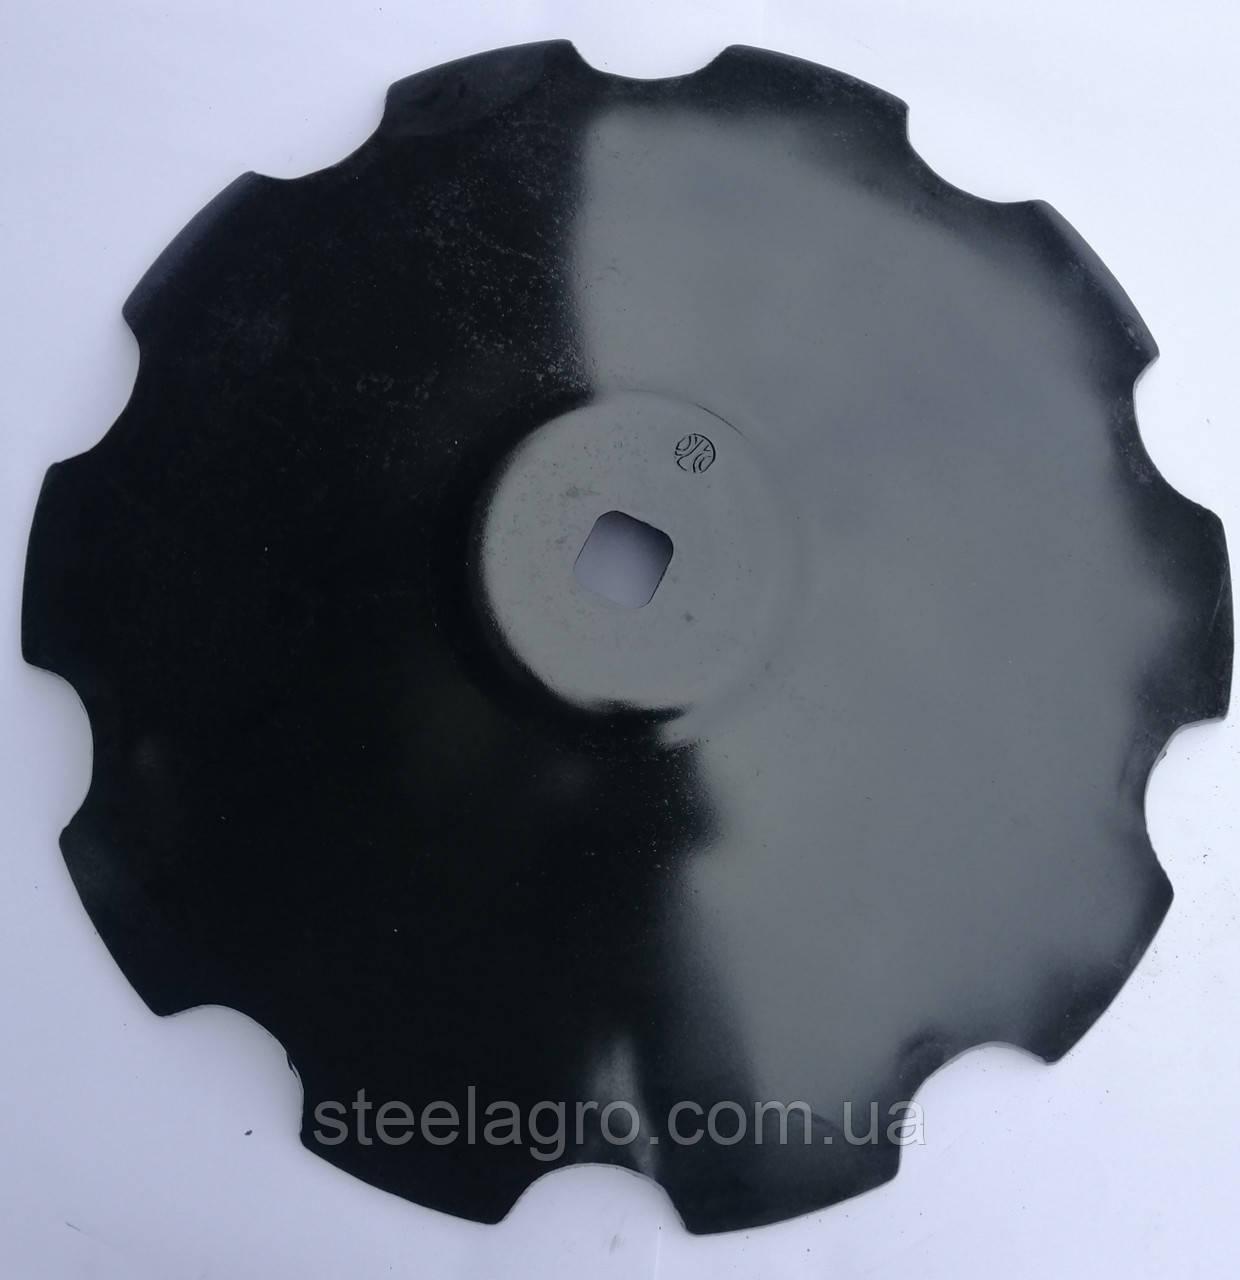 """Диск БГР """"Солоха"""" ромашка/гладкий D=710 мм,кв42, h=8мм бор"""